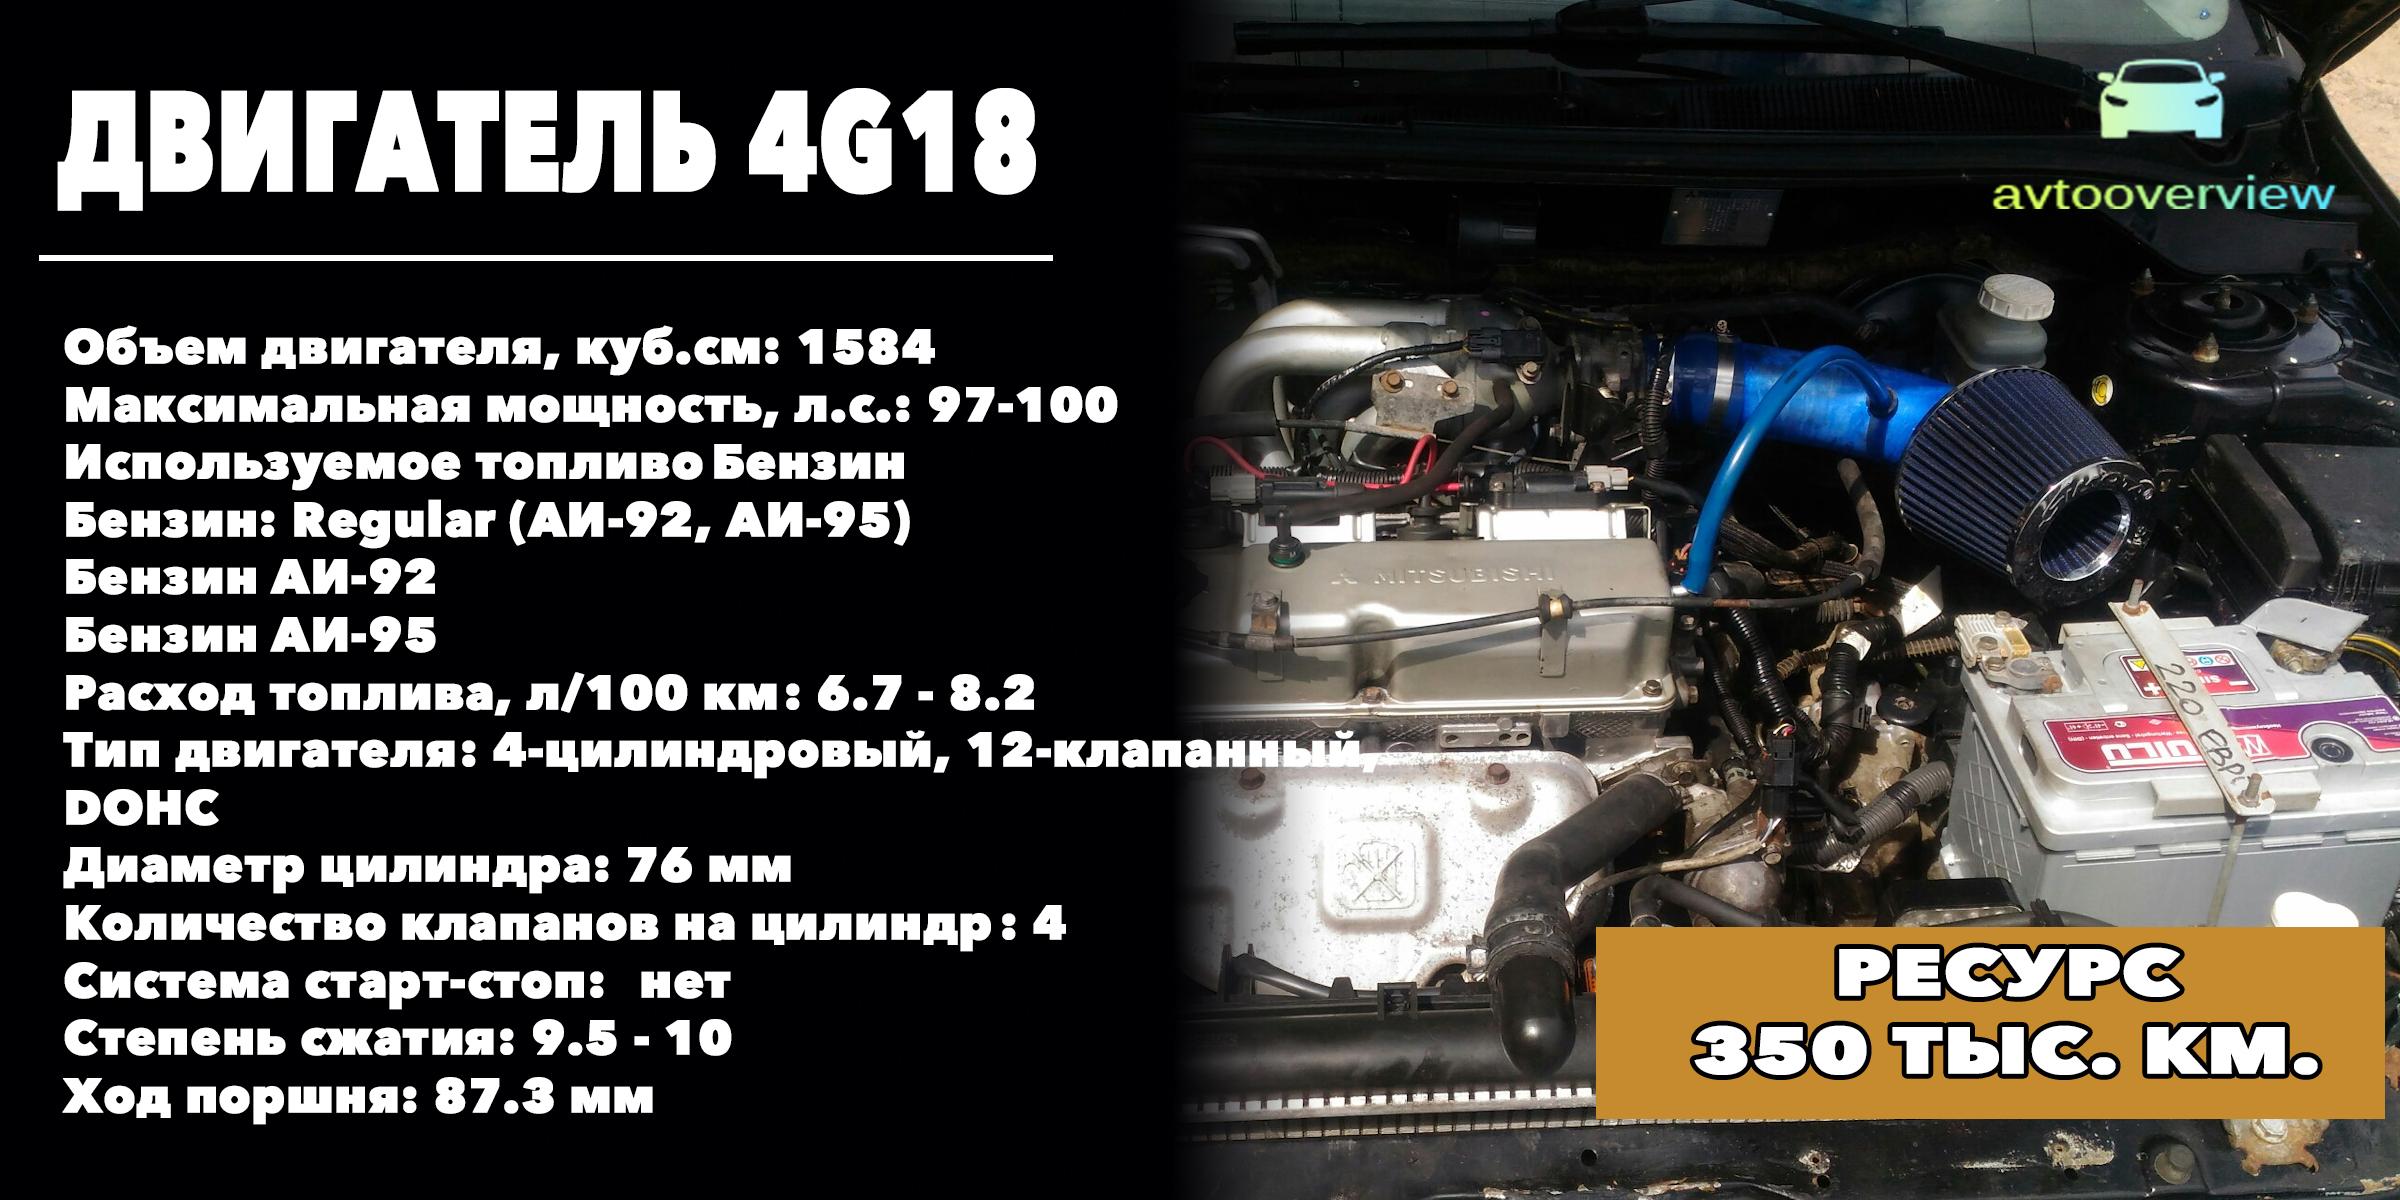 1.6-литровый 4G18: надежность